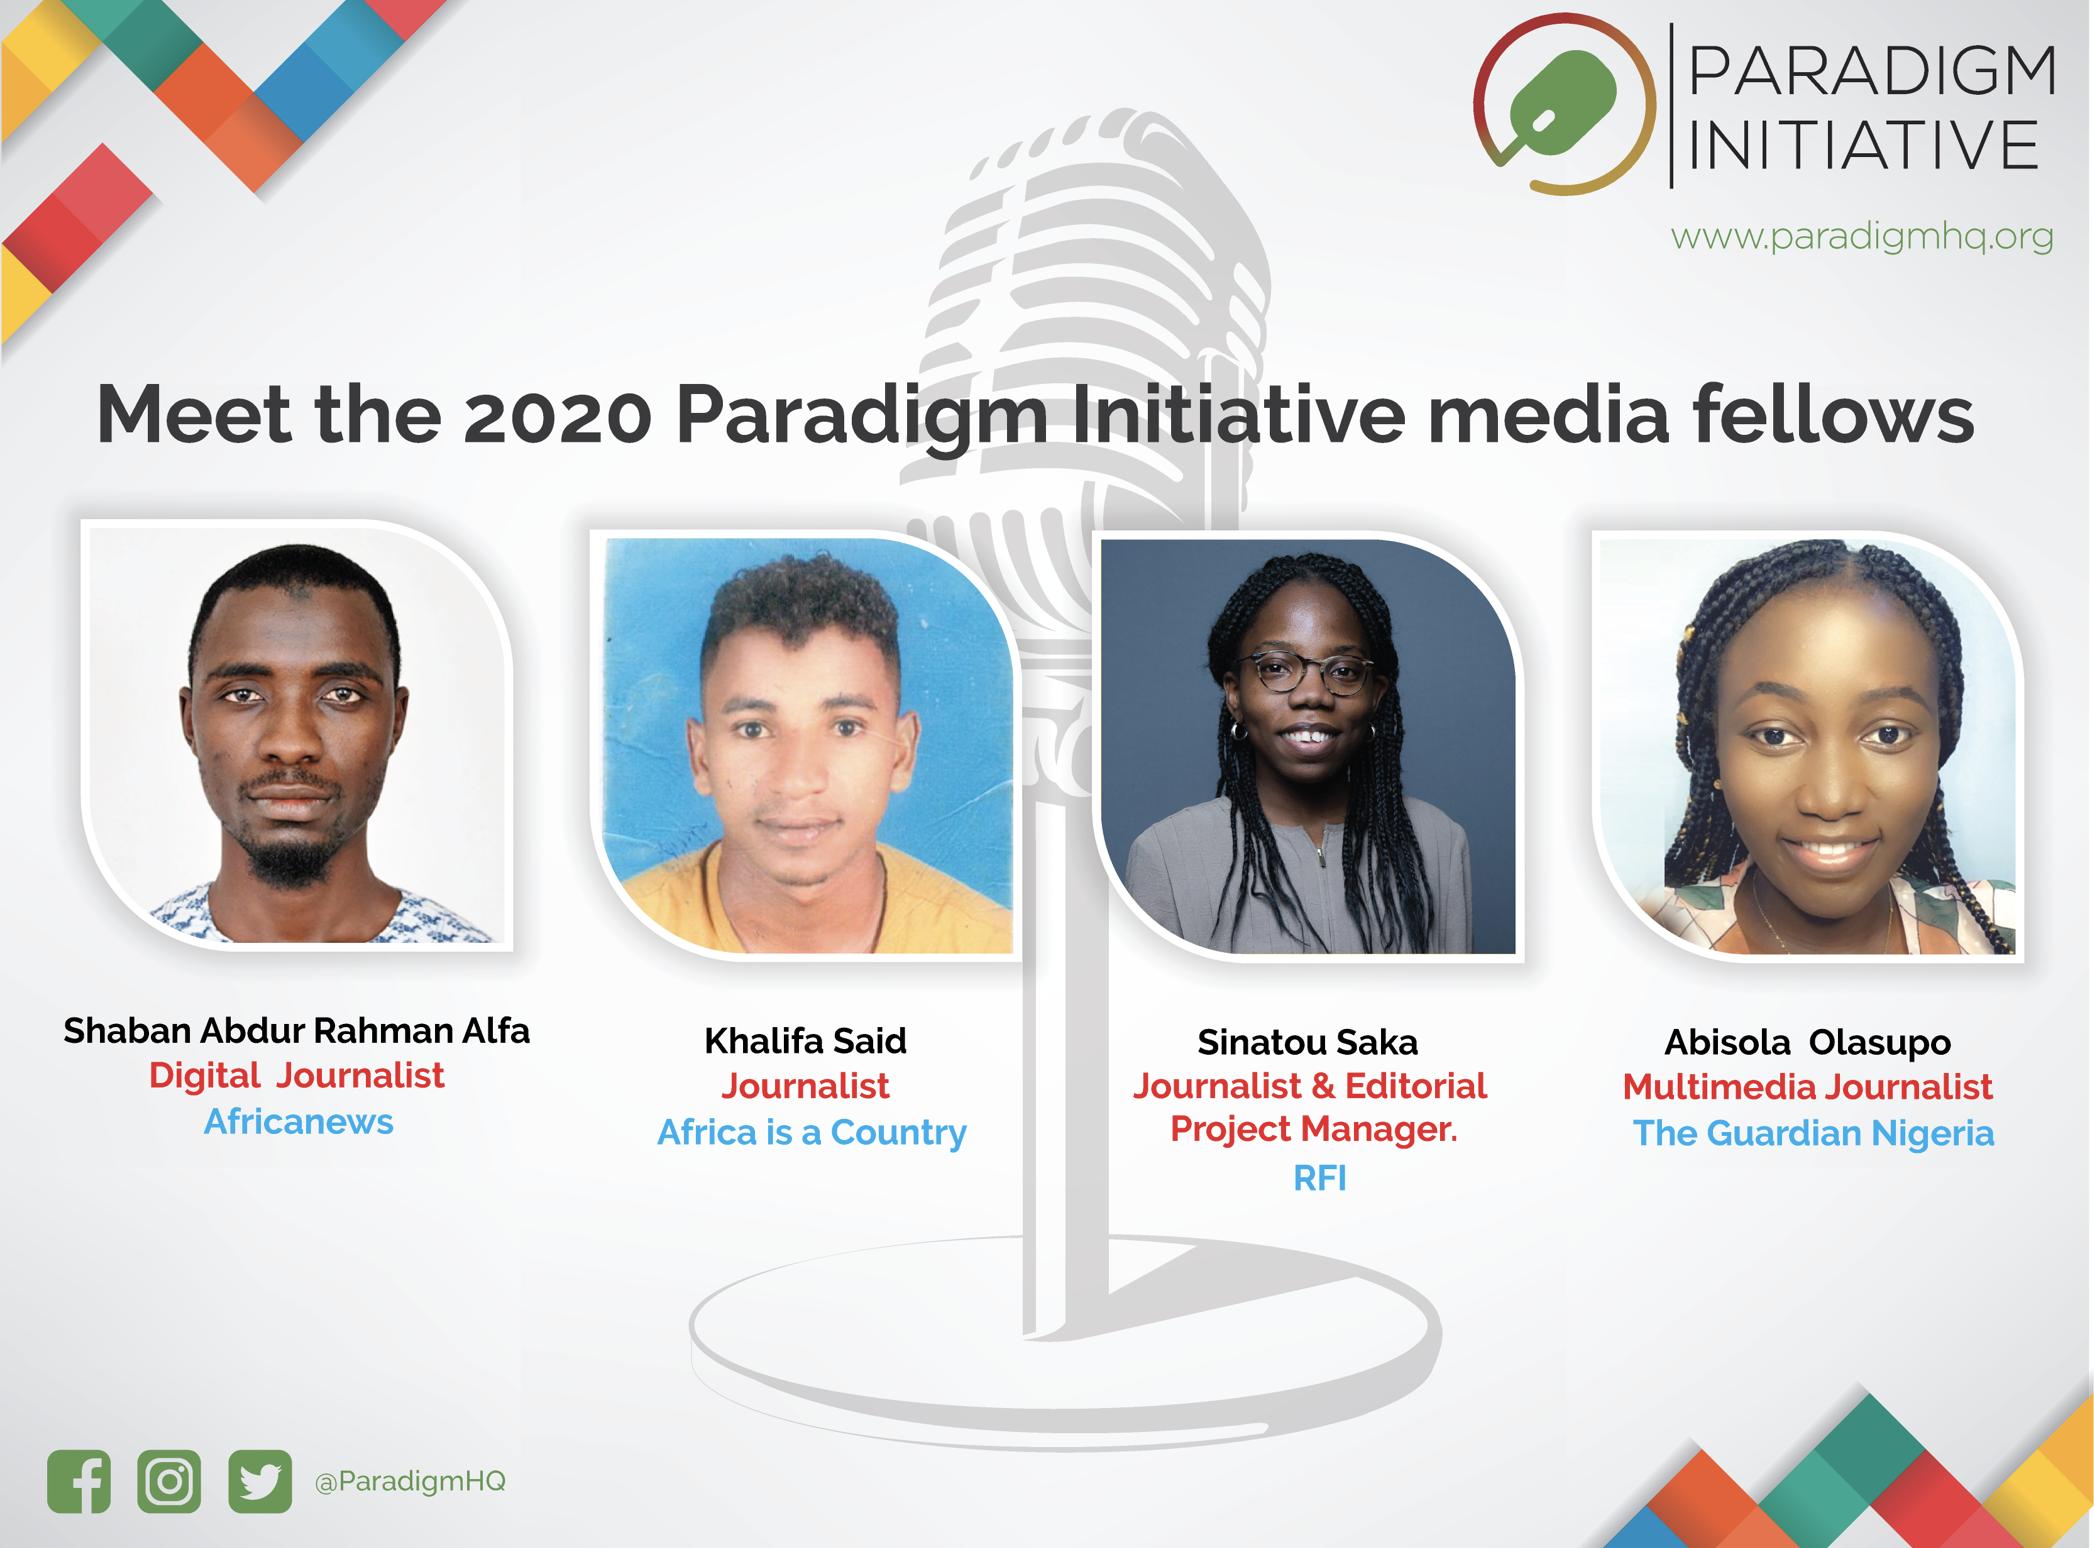 Paradigm Initiative annonce les lauréats 2020 de la bourse pour les journalistes africains